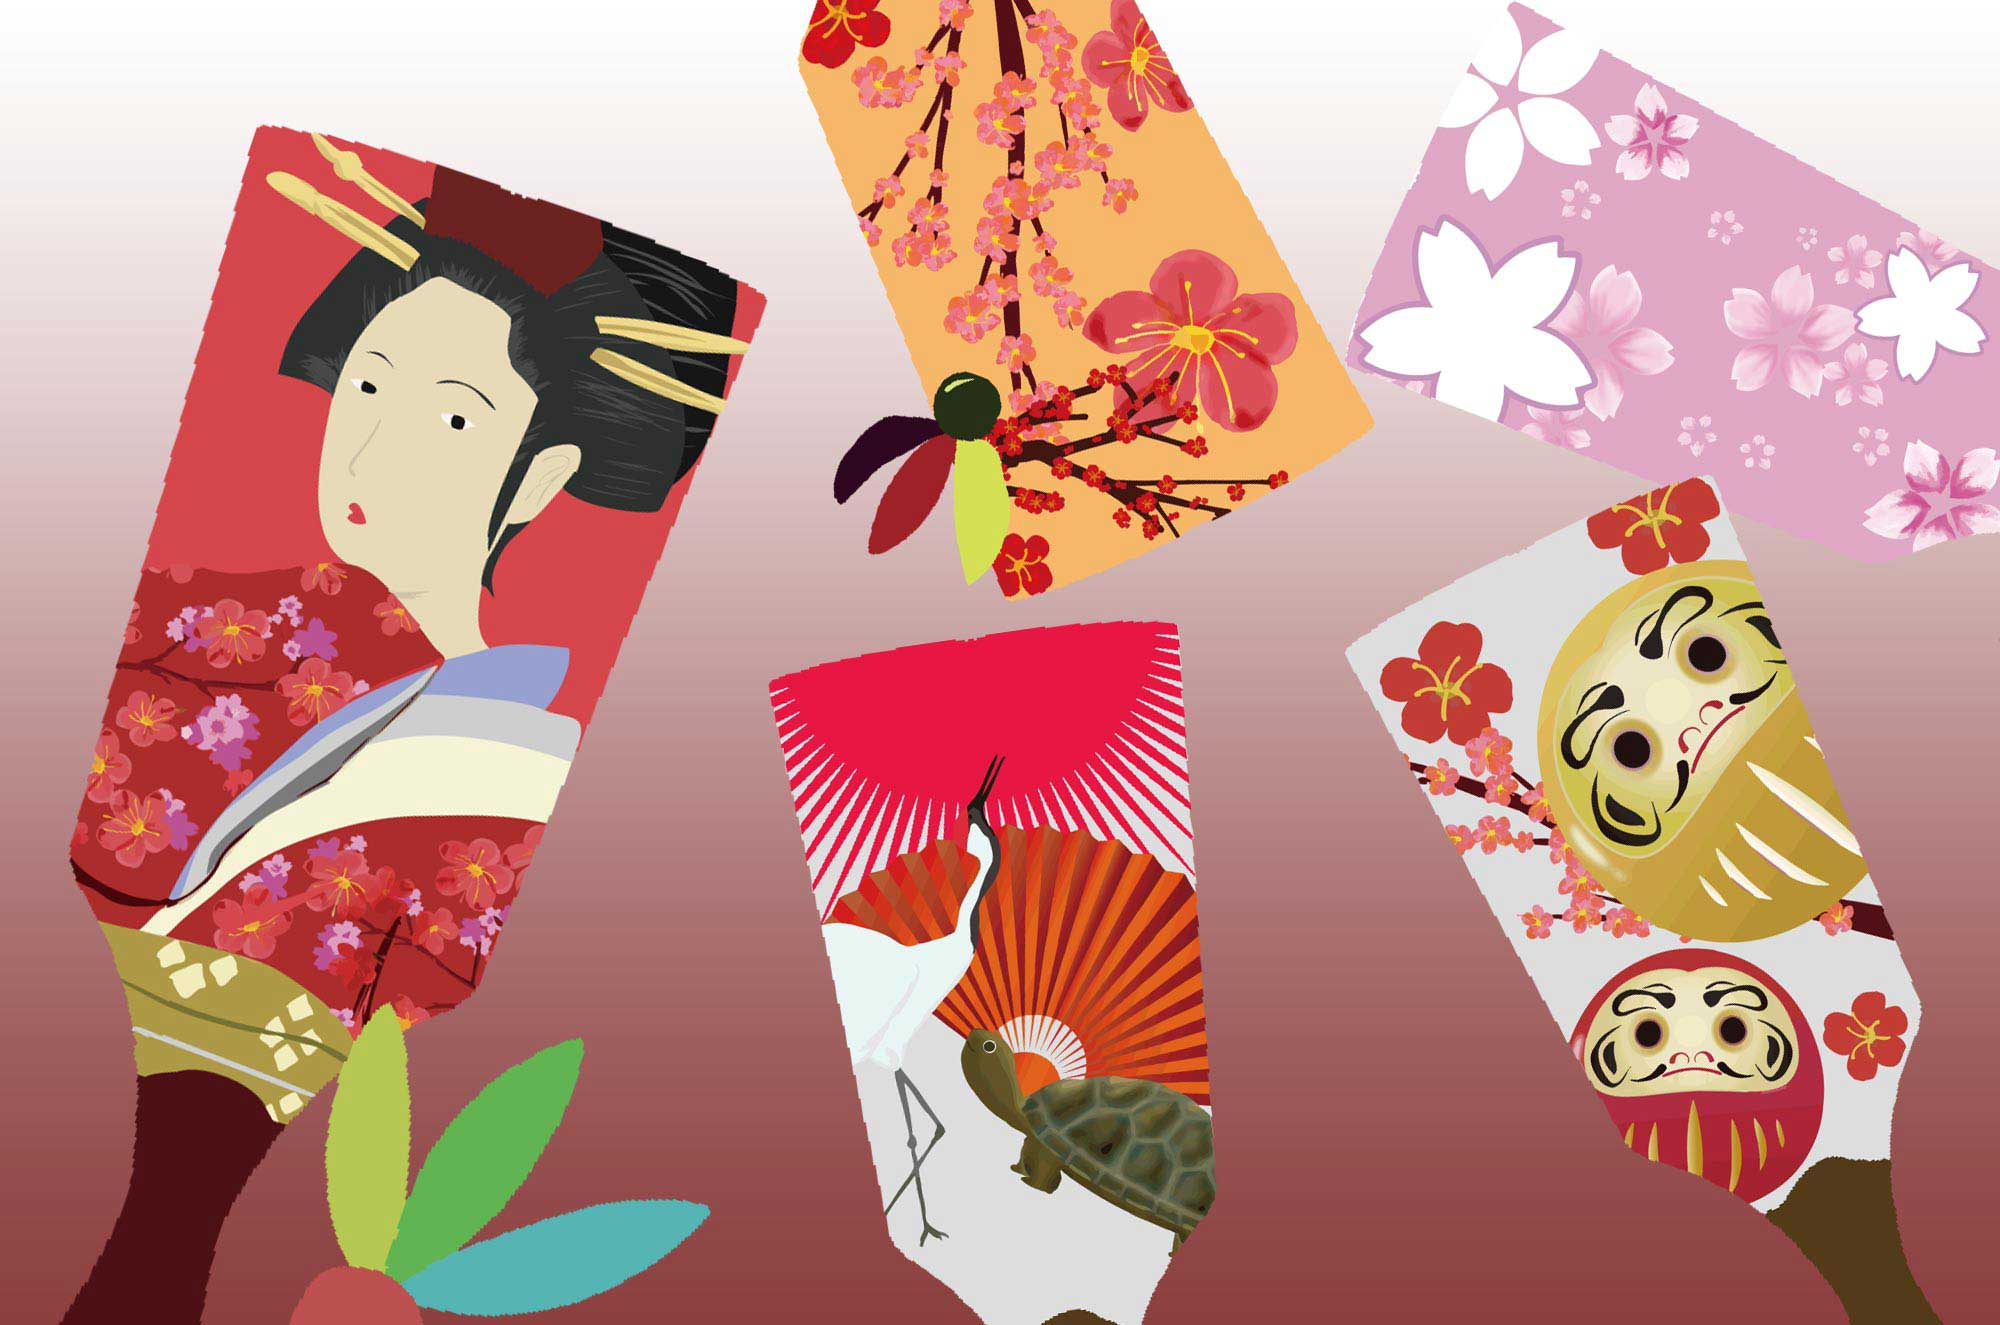 羽子板イラスト - お正月のおめでたい無料イメージ素材